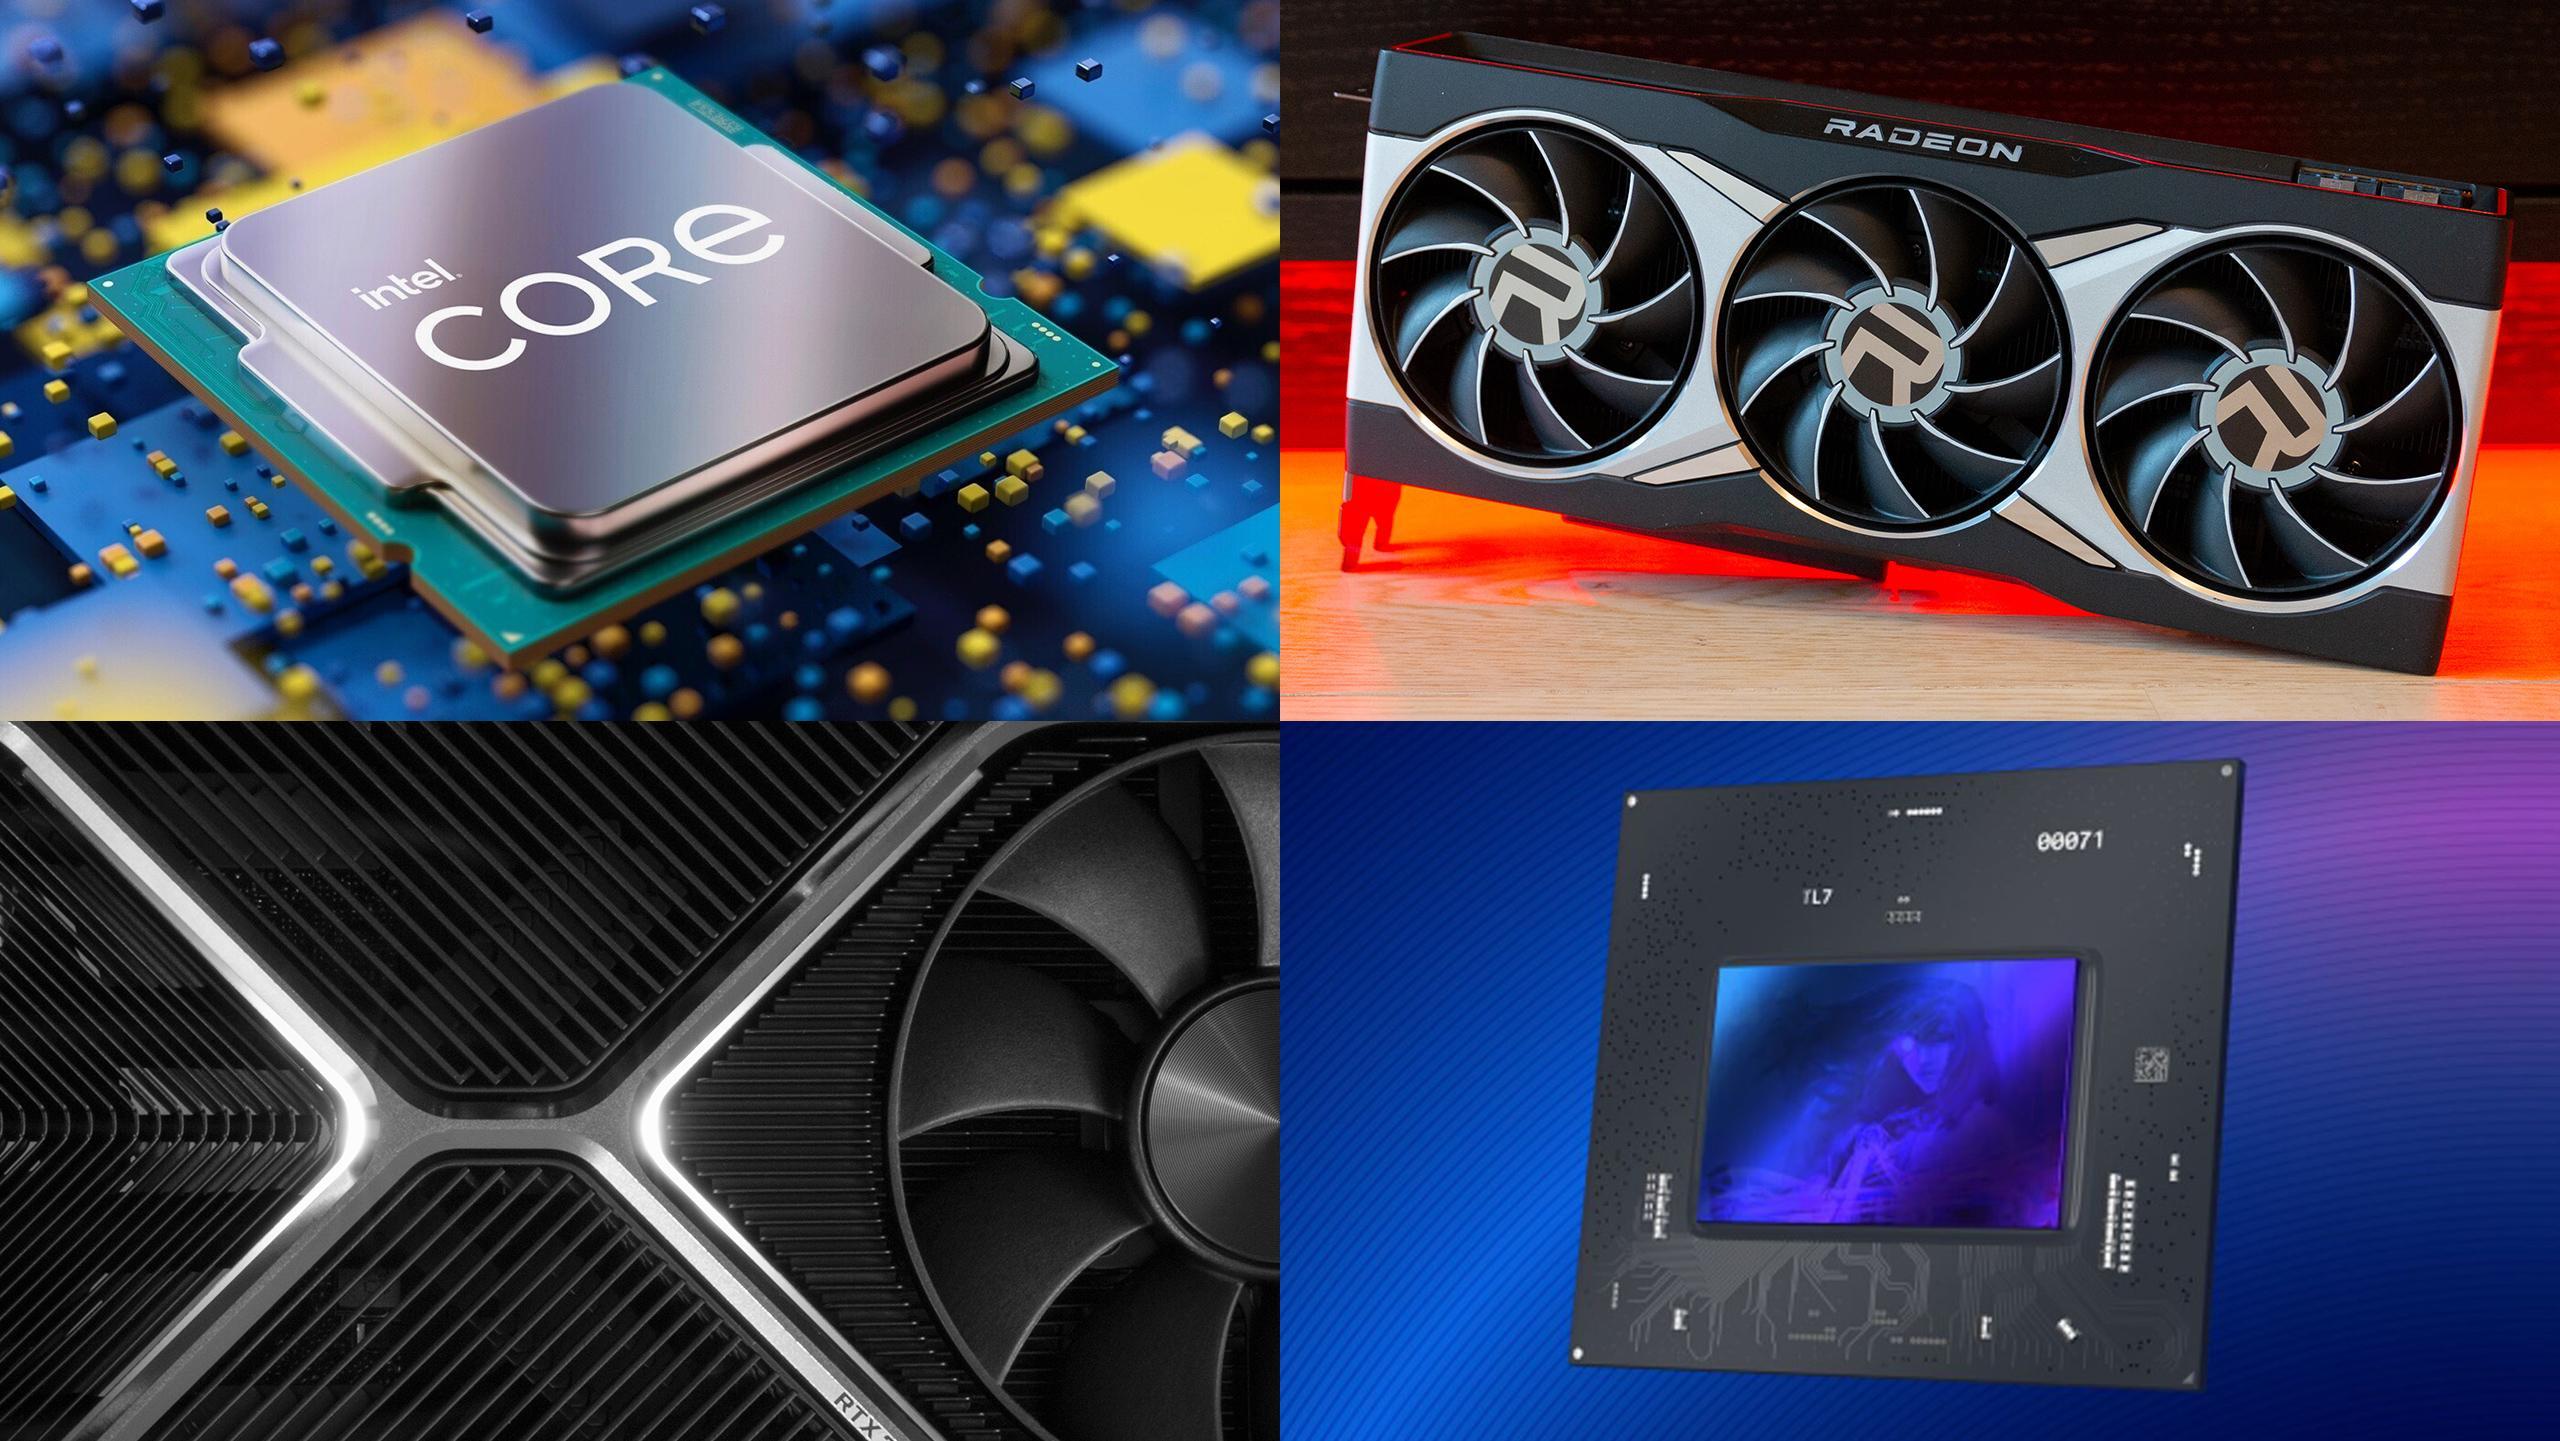 Både nye prosessorer og grafikkort lanseres de neste månedene, med høyere ytelse og nye teknologier.